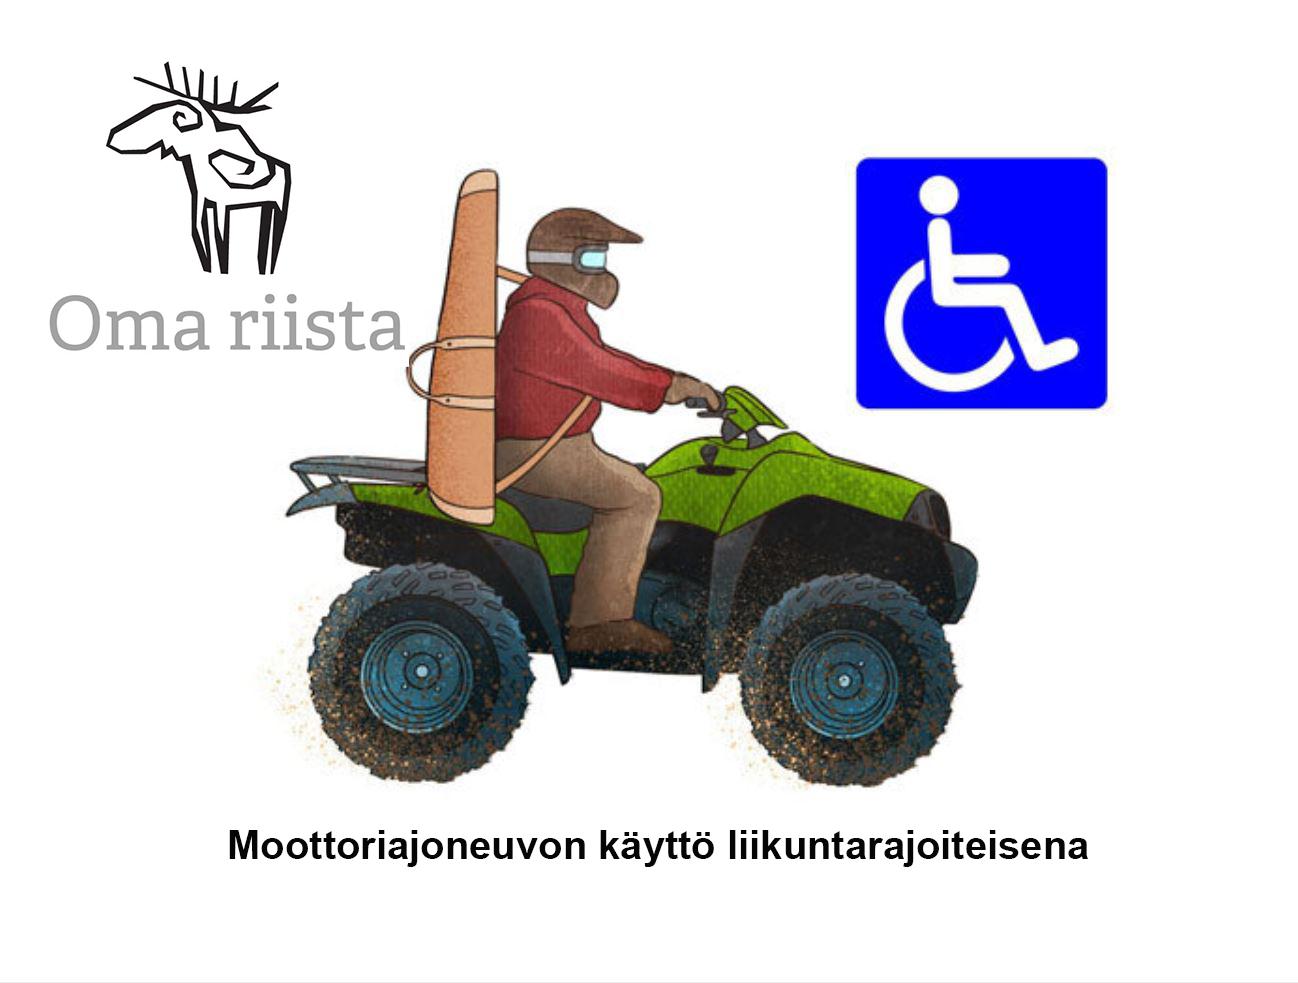 Metsästäjä ajamassa mönkijällä. Vieressä on Oma riista -logo sekä pyörätuoli-merkki. Teksti: Moottoriajoneuvon käyttö liikuntarajoitteisena